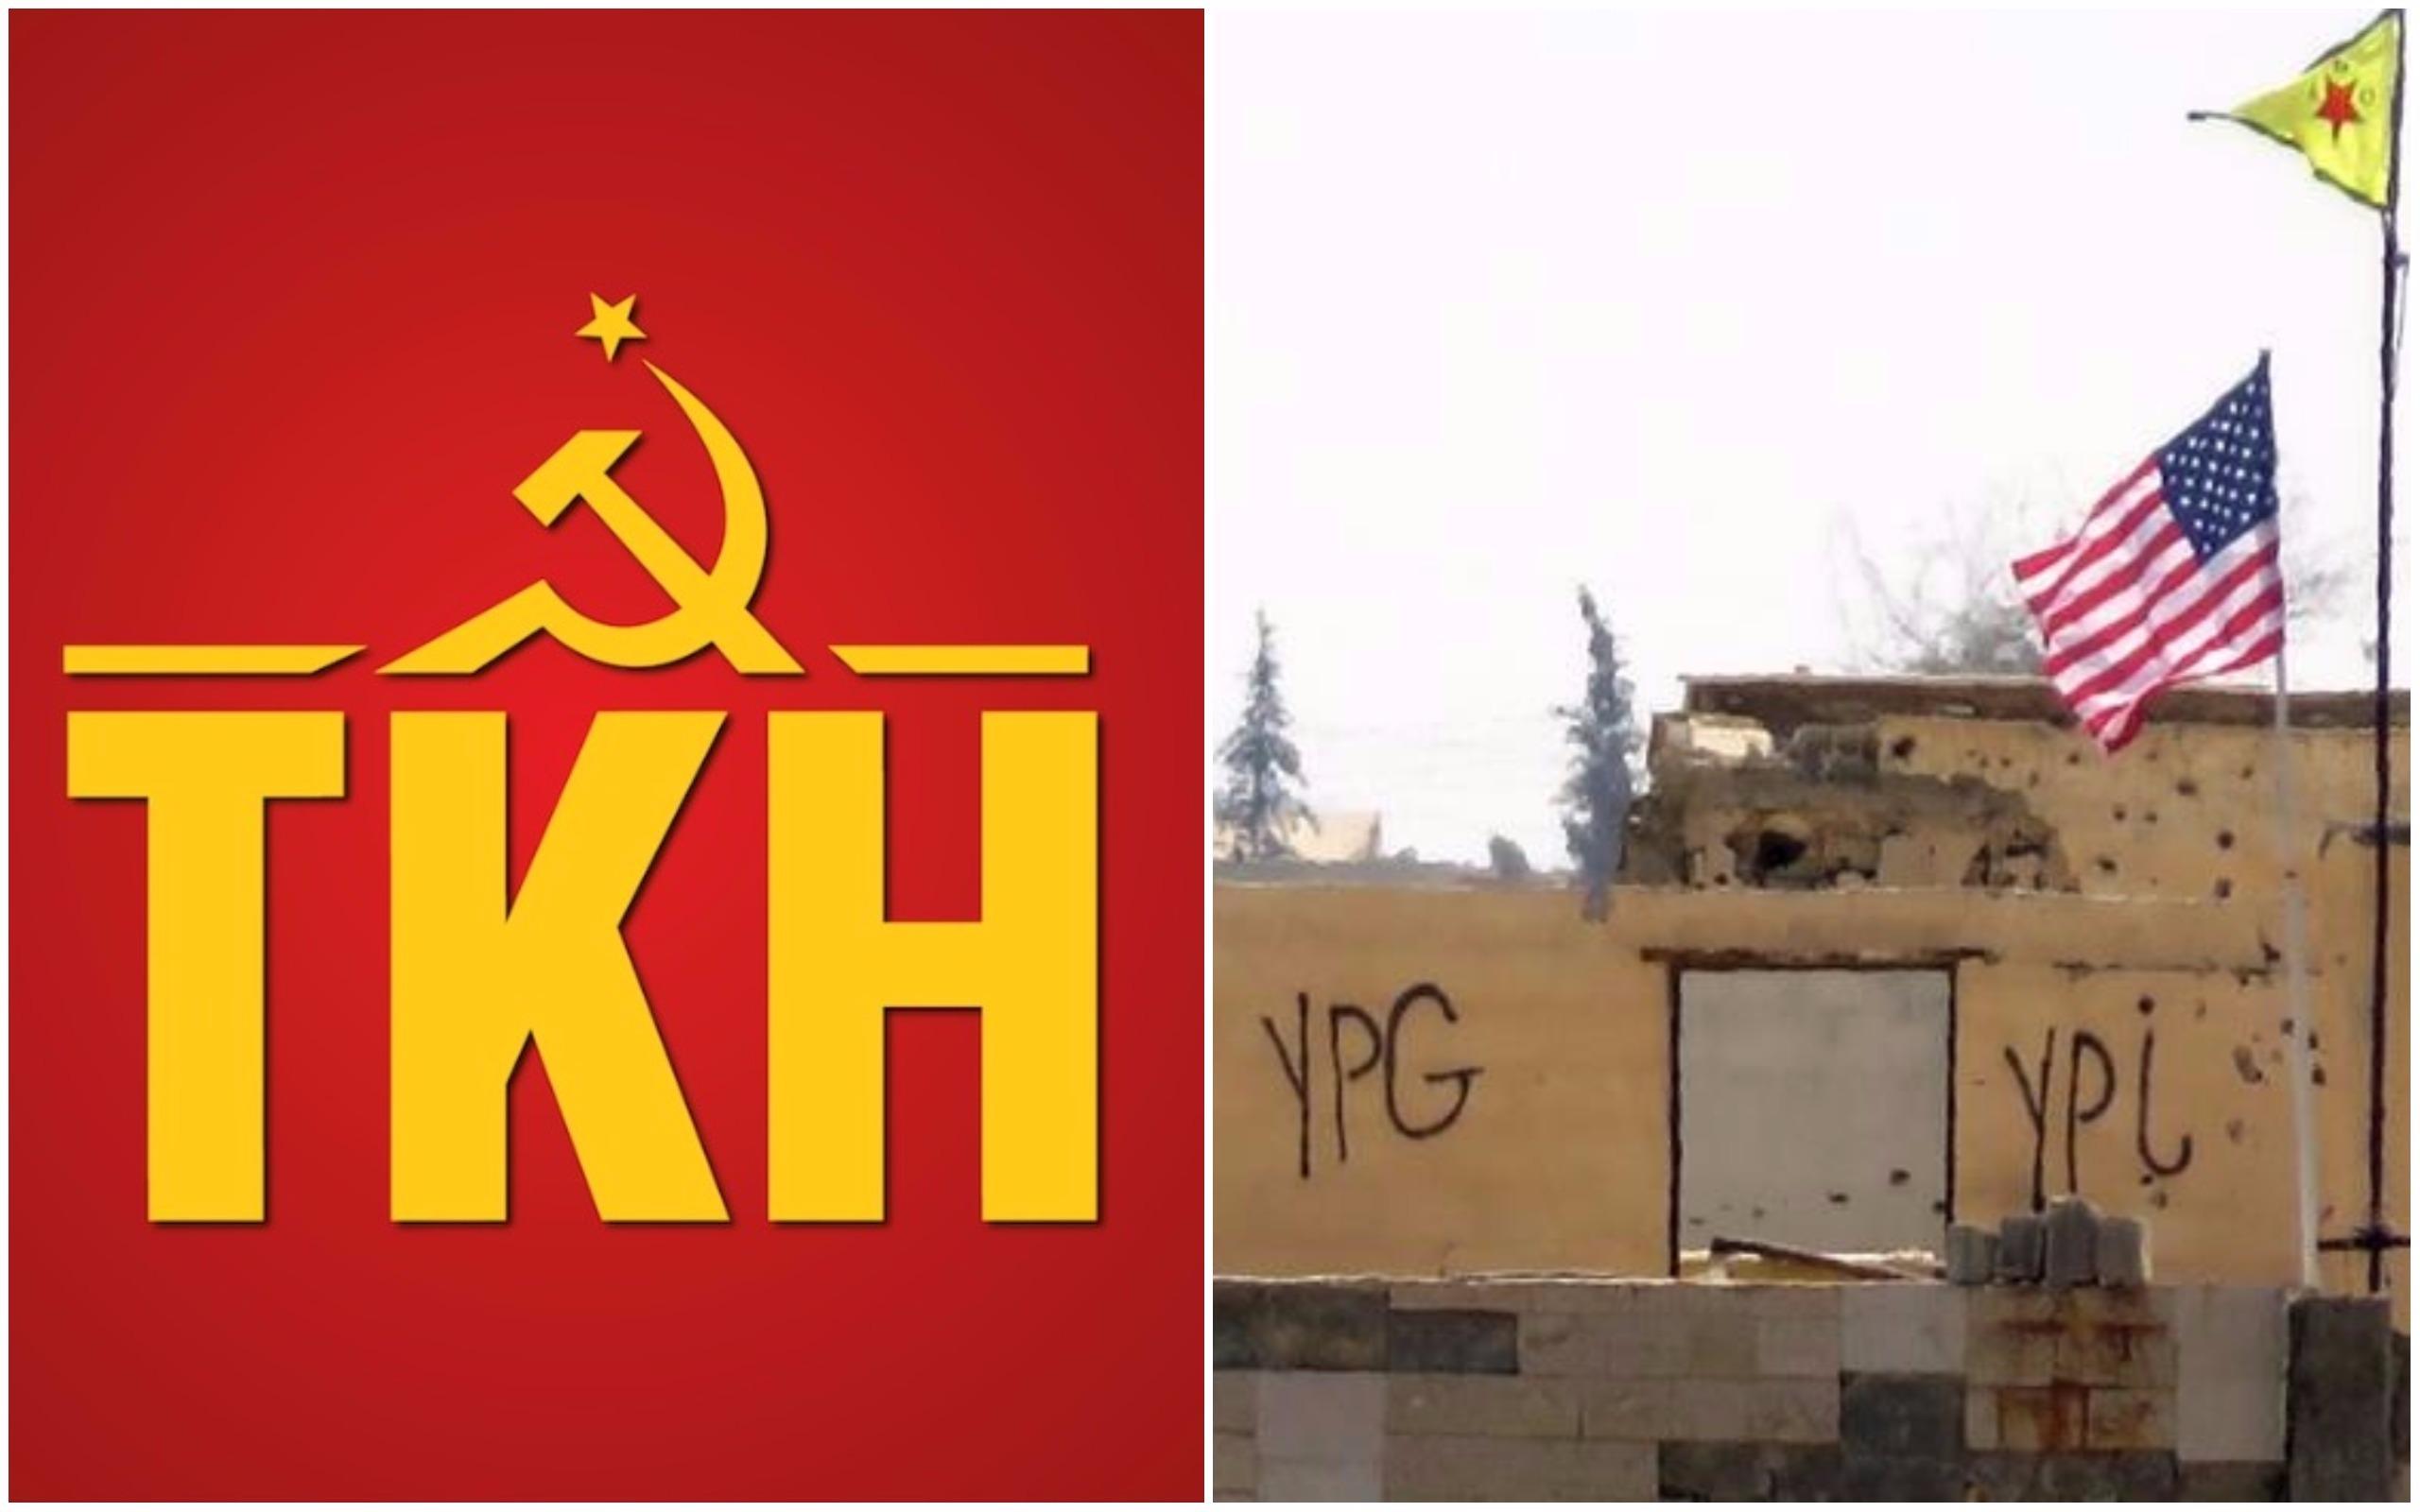 Türkiye Komünist Hareketi: Suriye'nin kuzeyinde ABD askeri üsleri kabul edilemez!